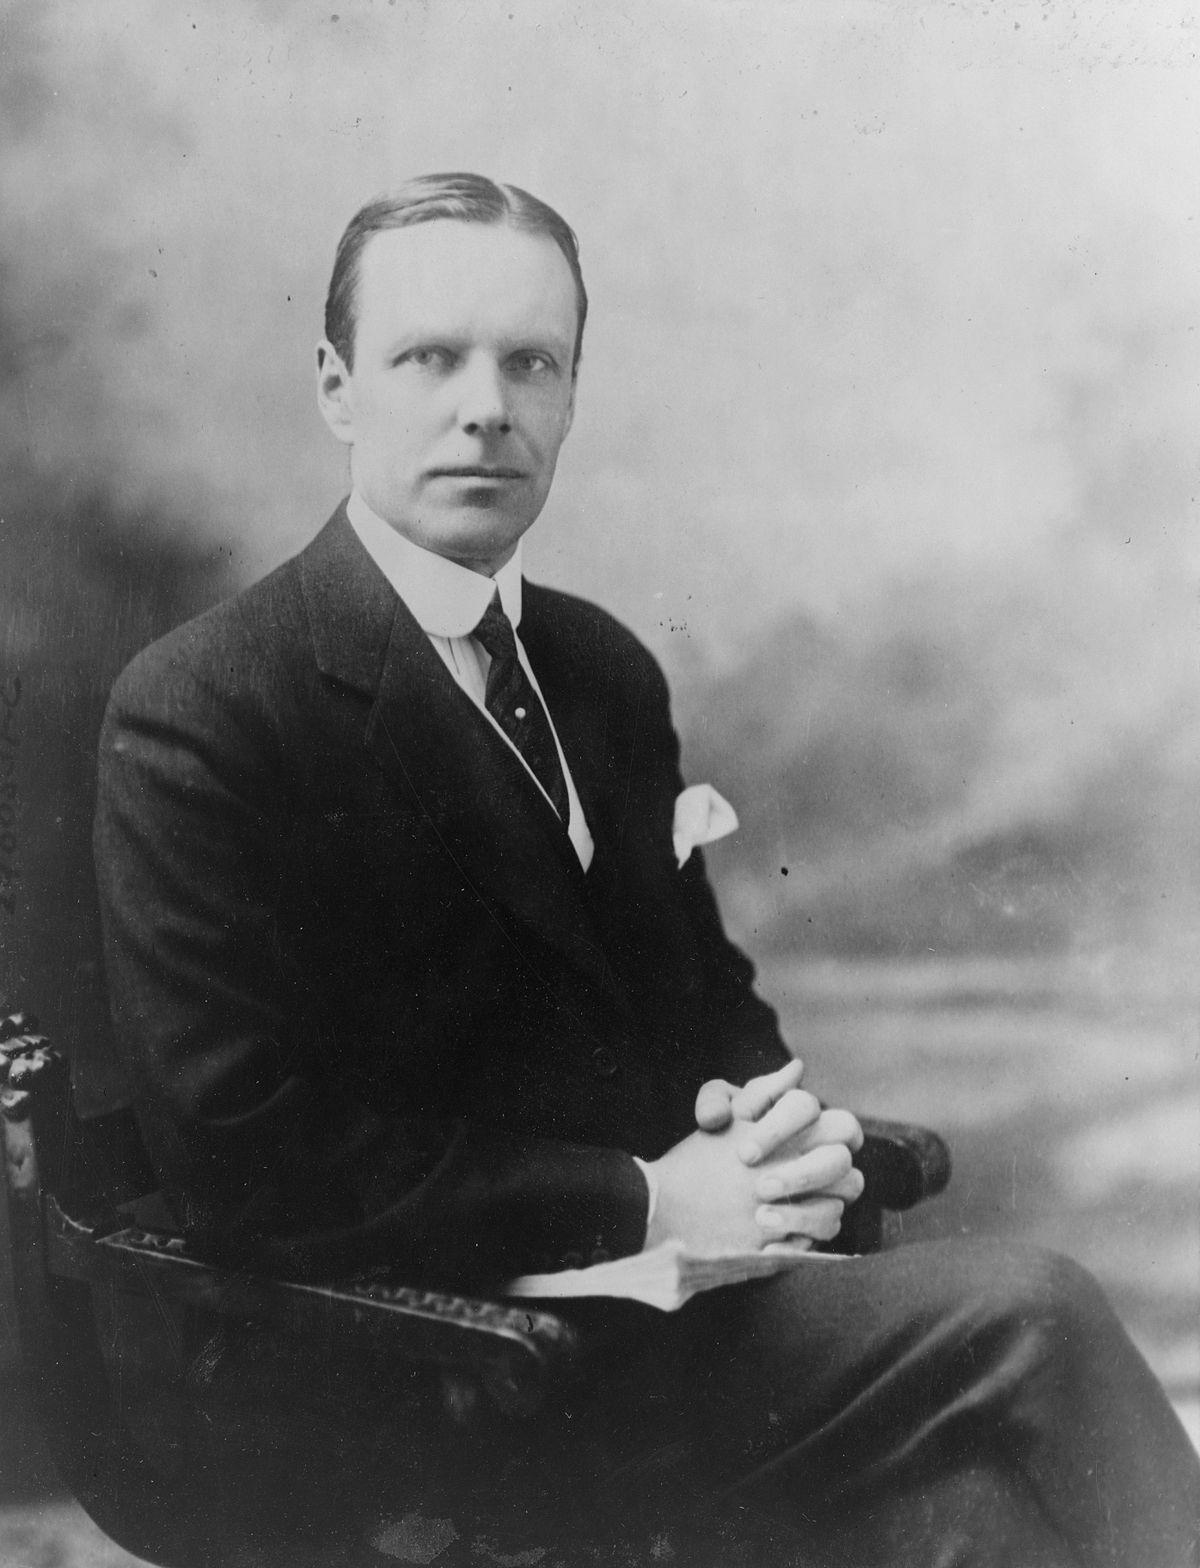 William Phillips Diplomat